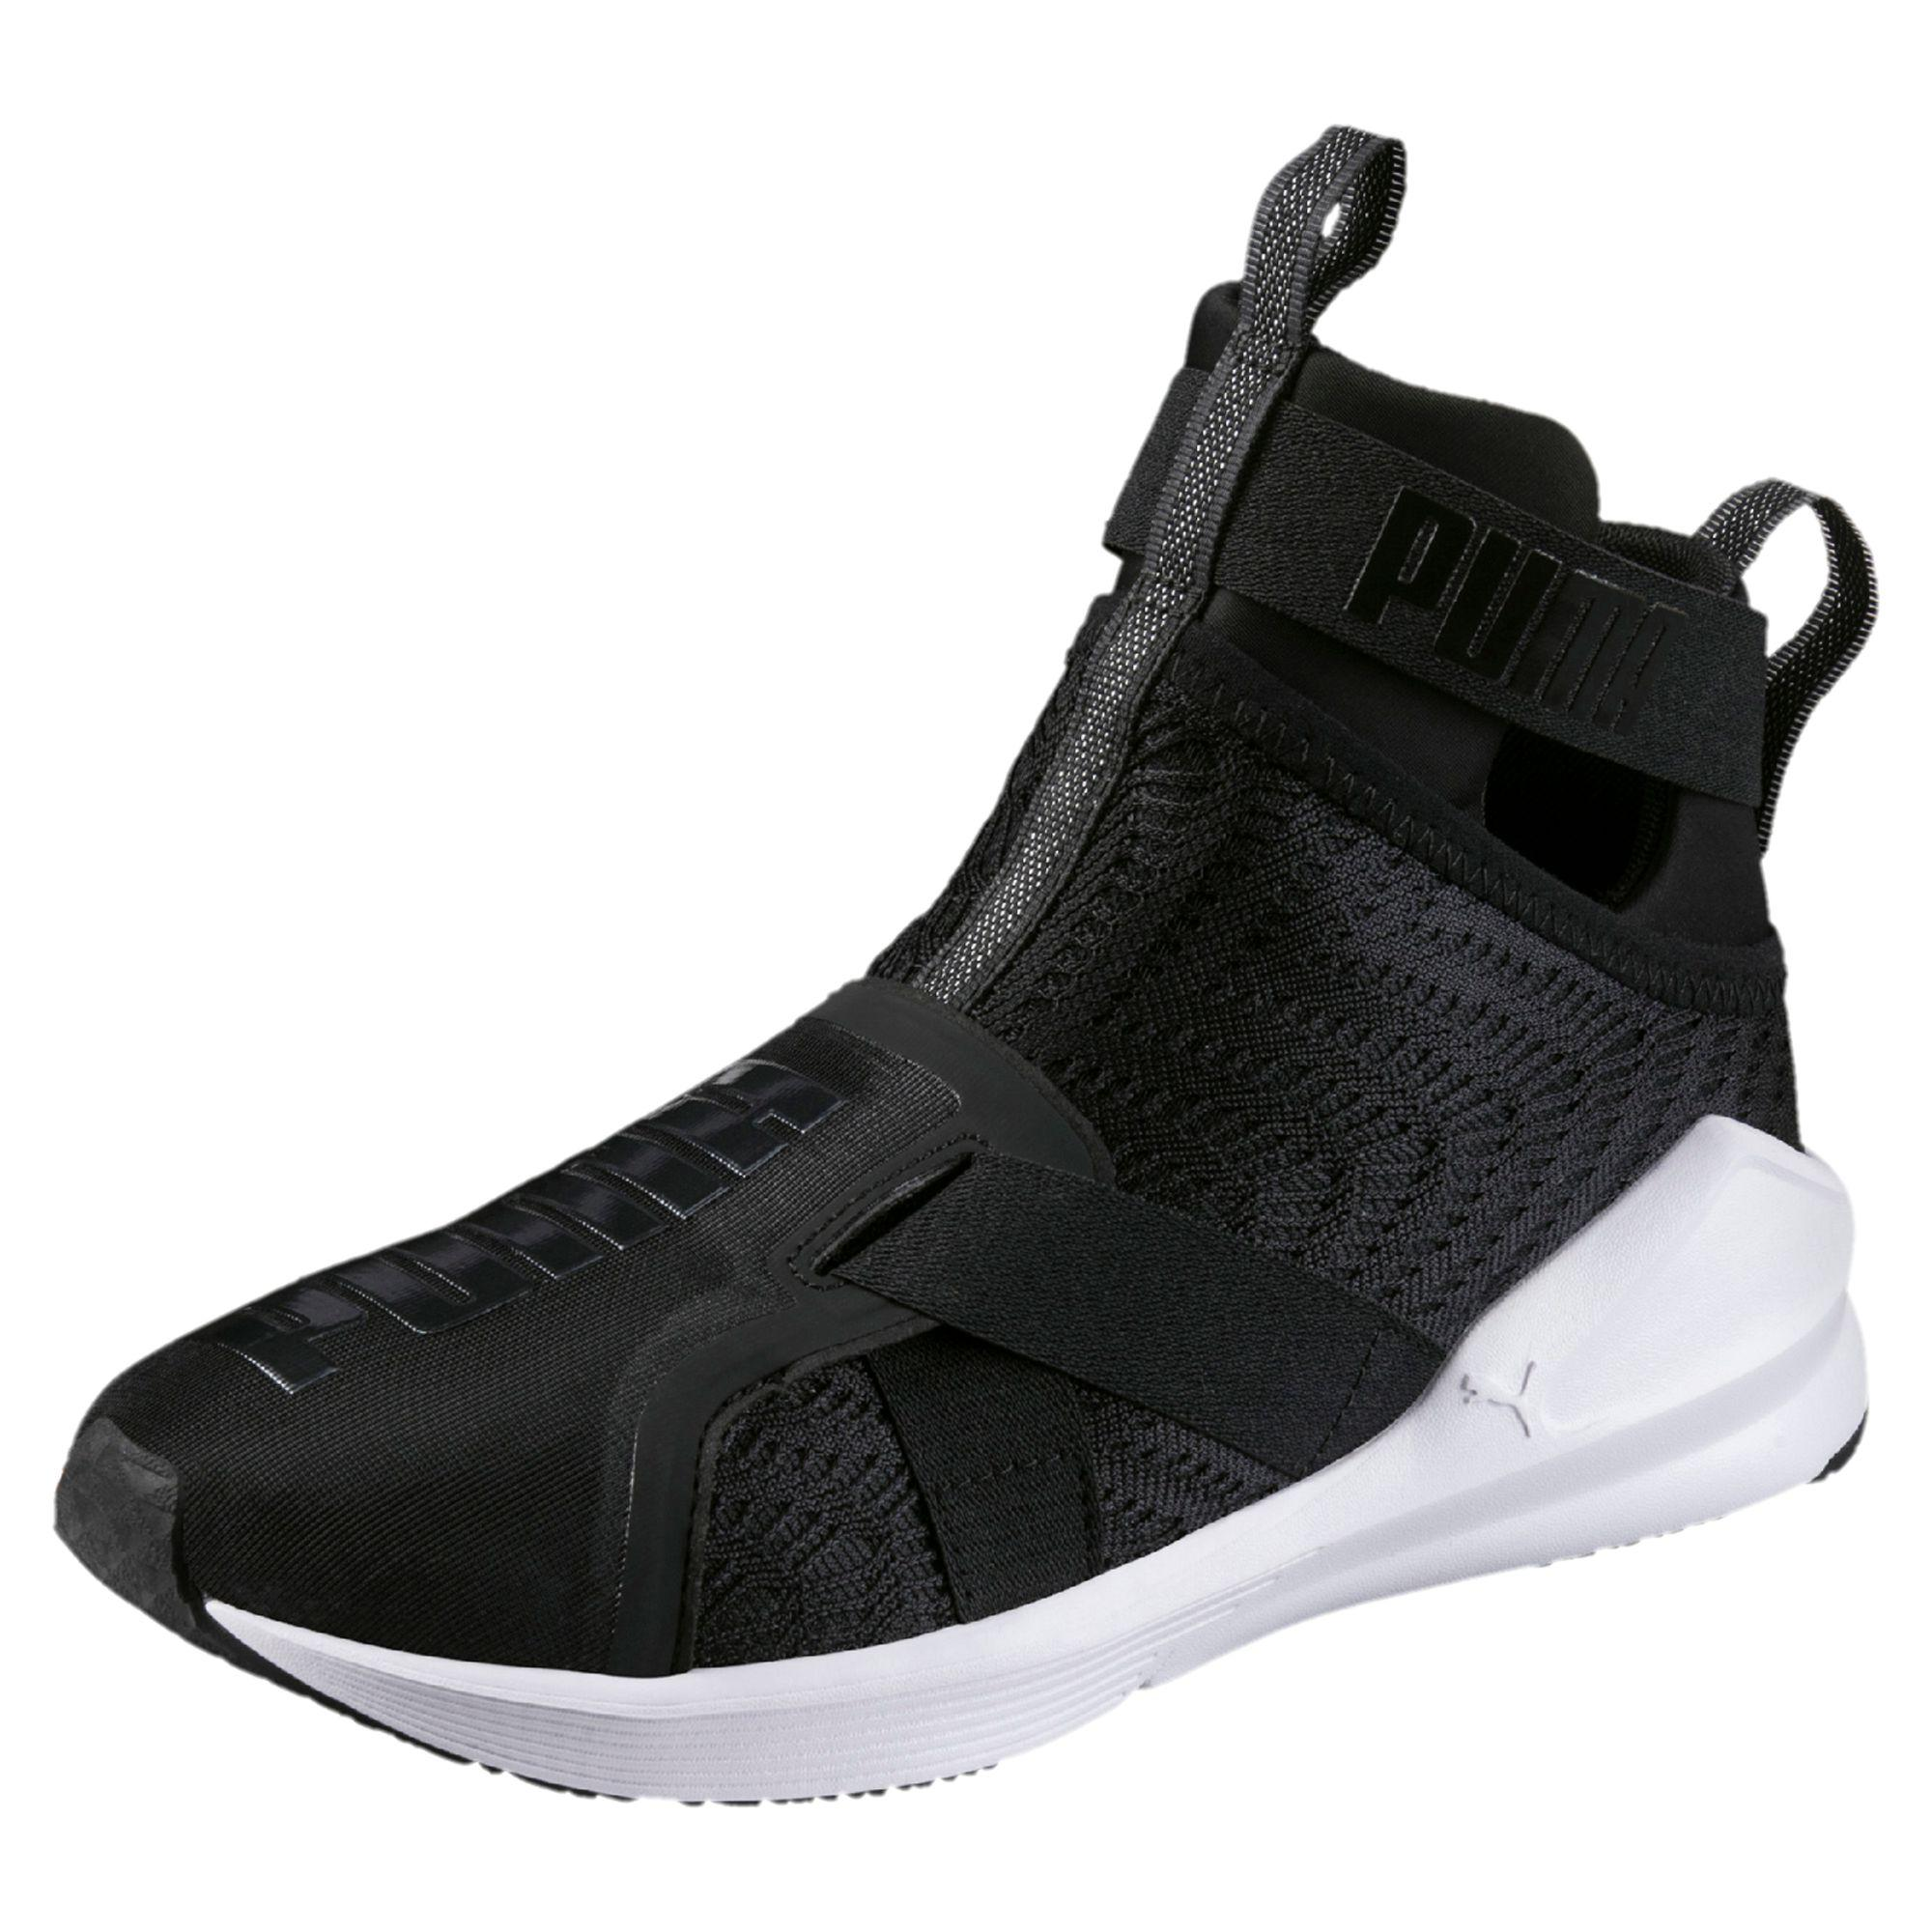 e30798e580b Lyst - PUMA Fierce Strap Swirl Women s Training Shoes in Black